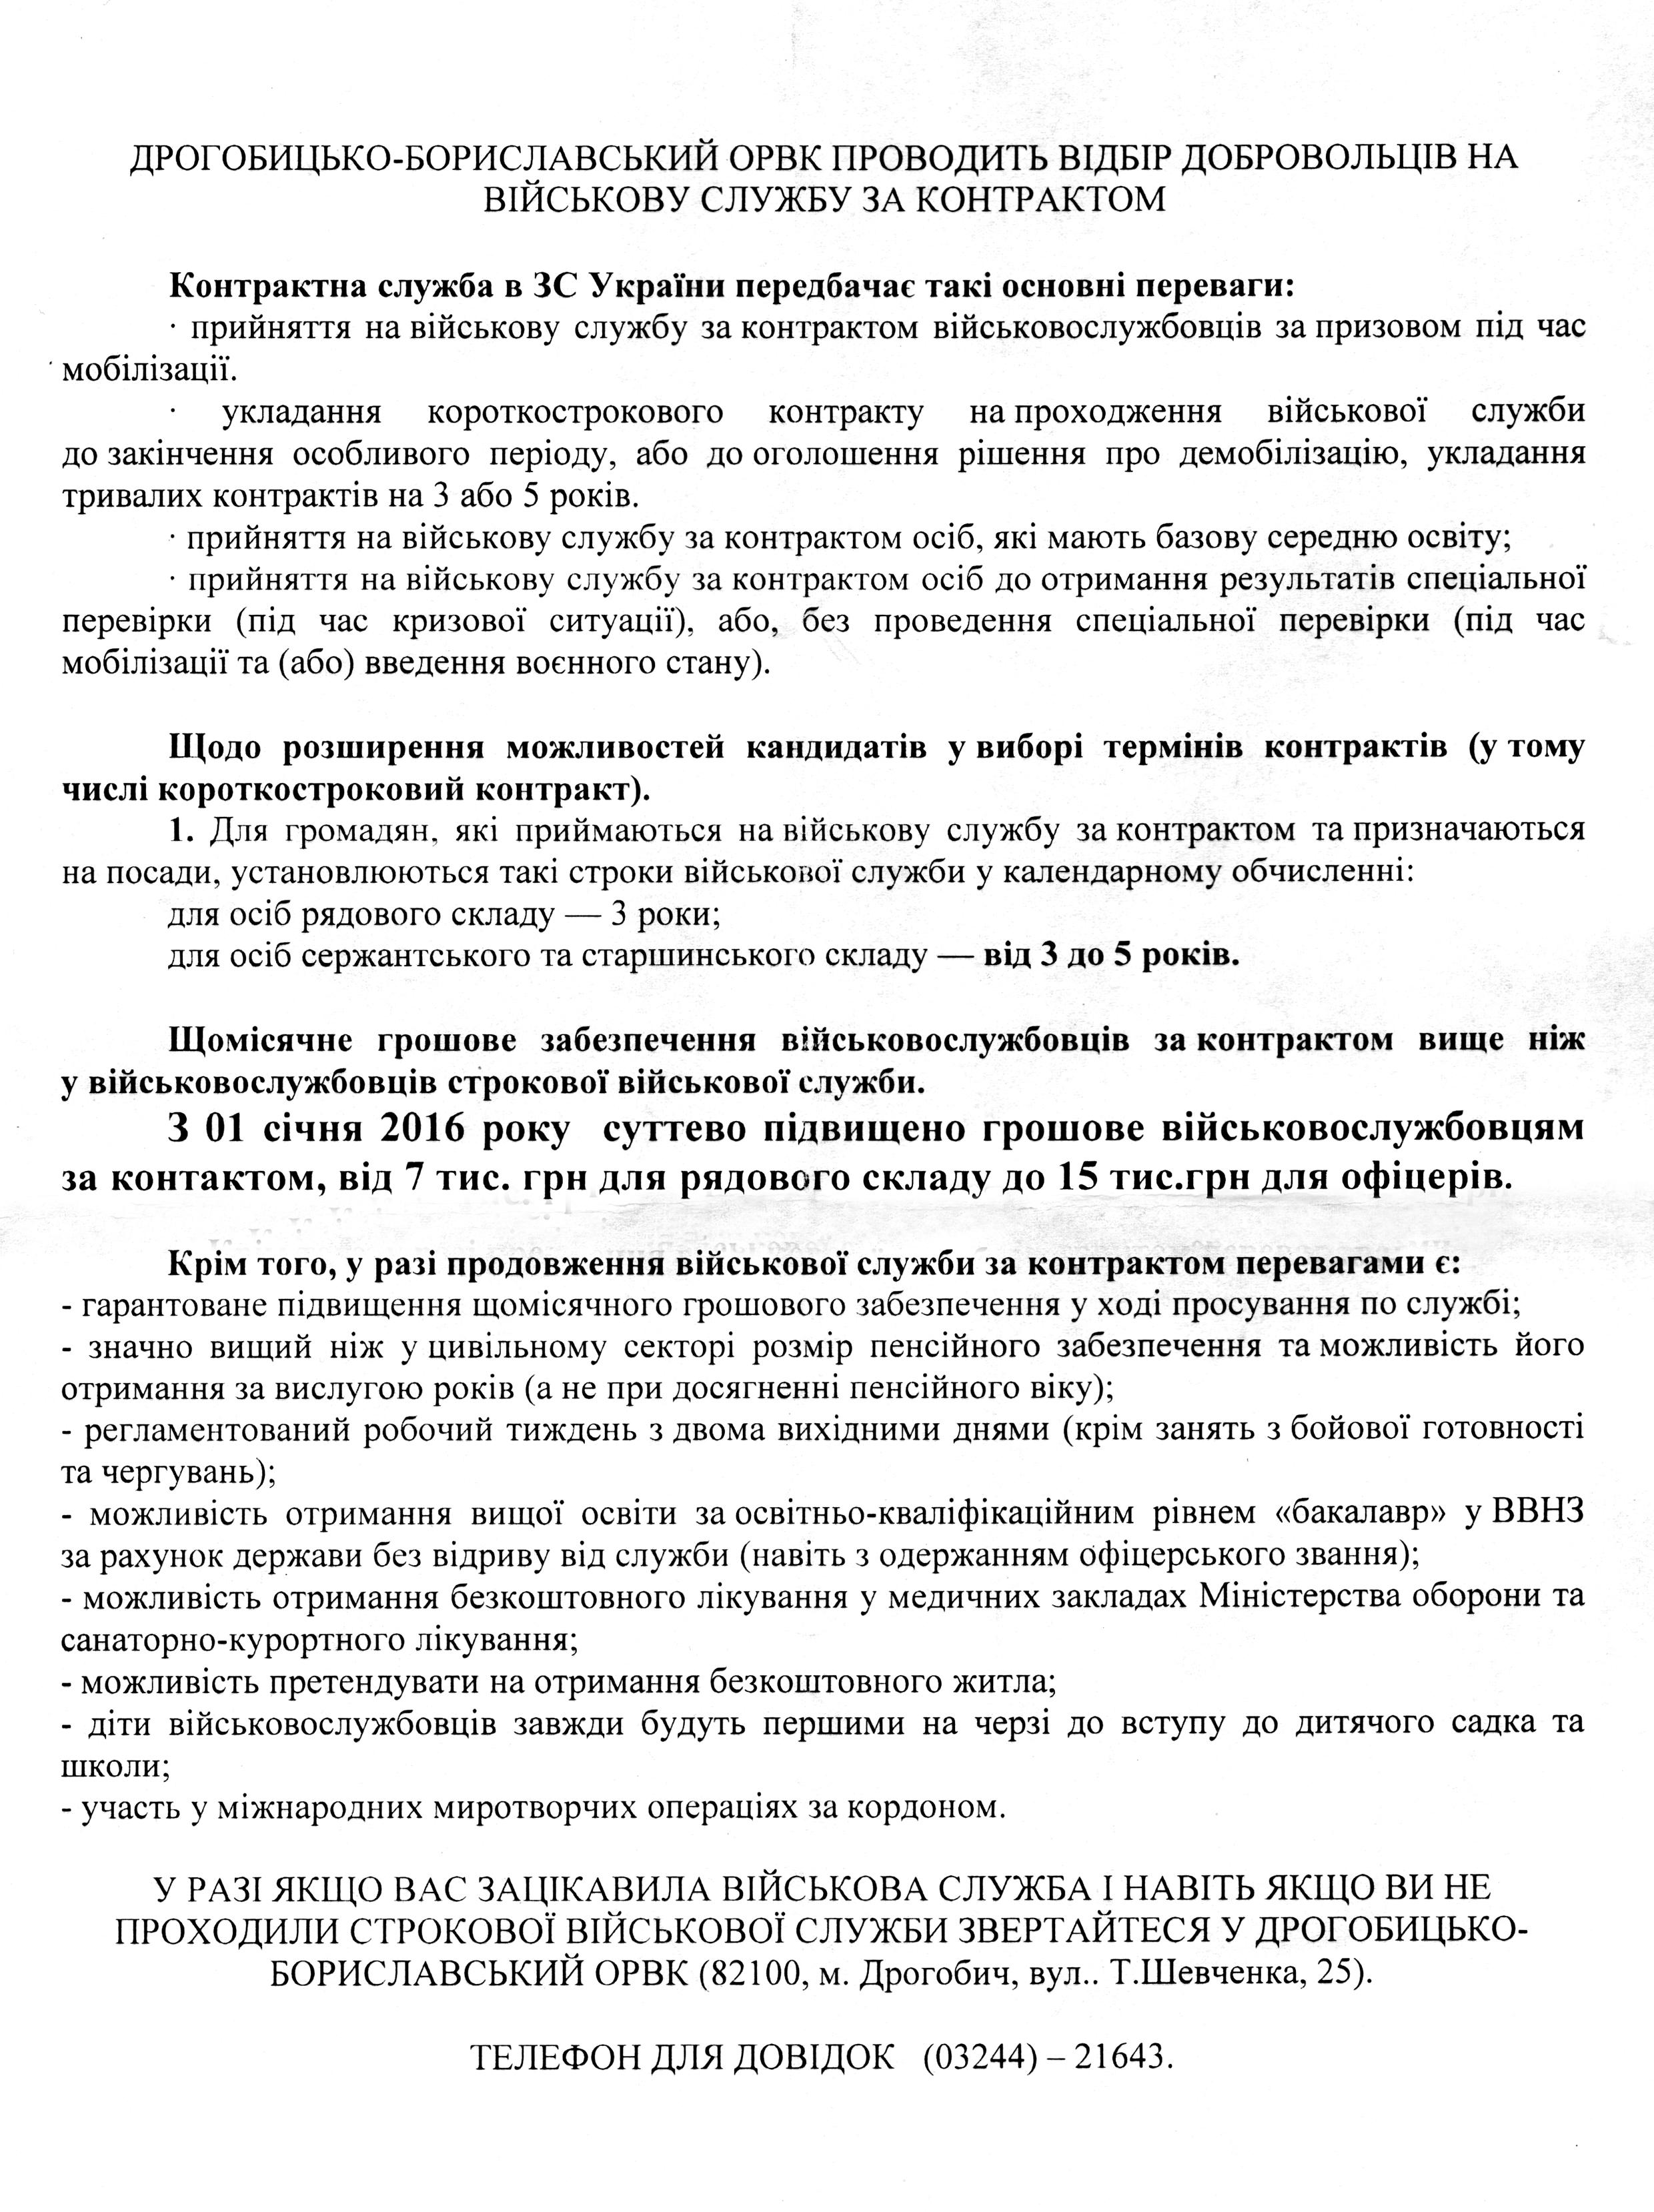 Дрогобицько-Бориславський ОРВК проводить відбір добровольців на військову службу за контрактом